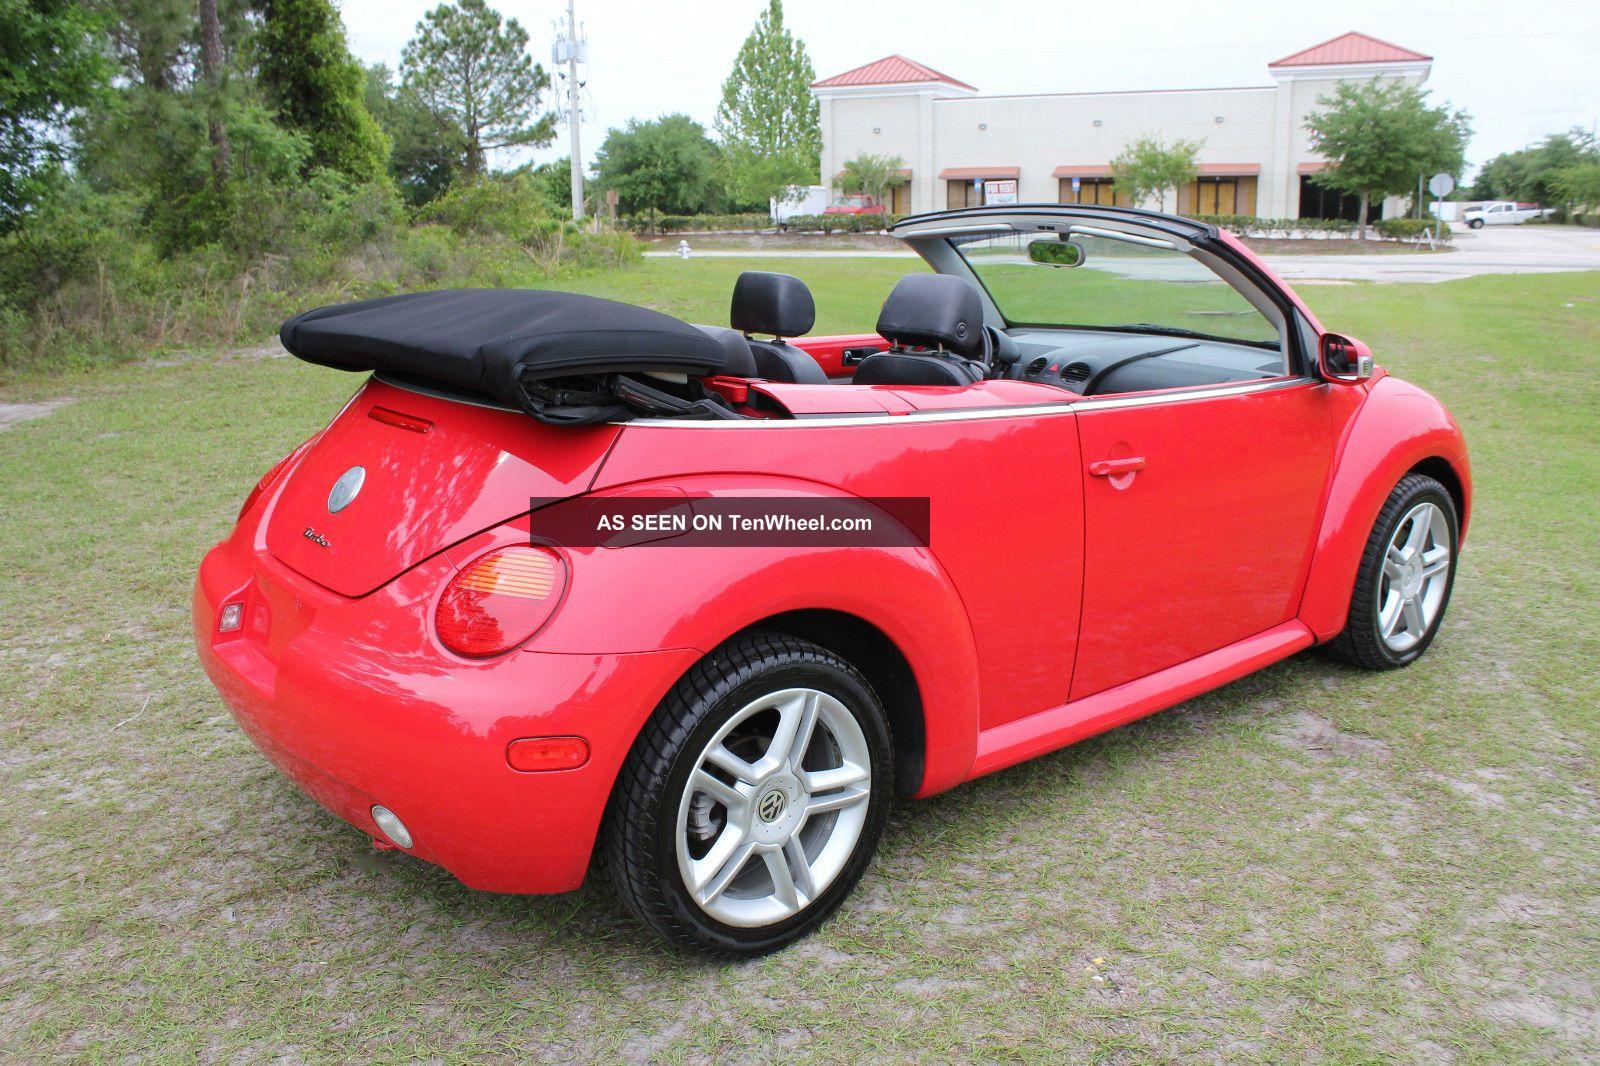 2004 Volkswagen Gls Turbo Beetle Convertible Now